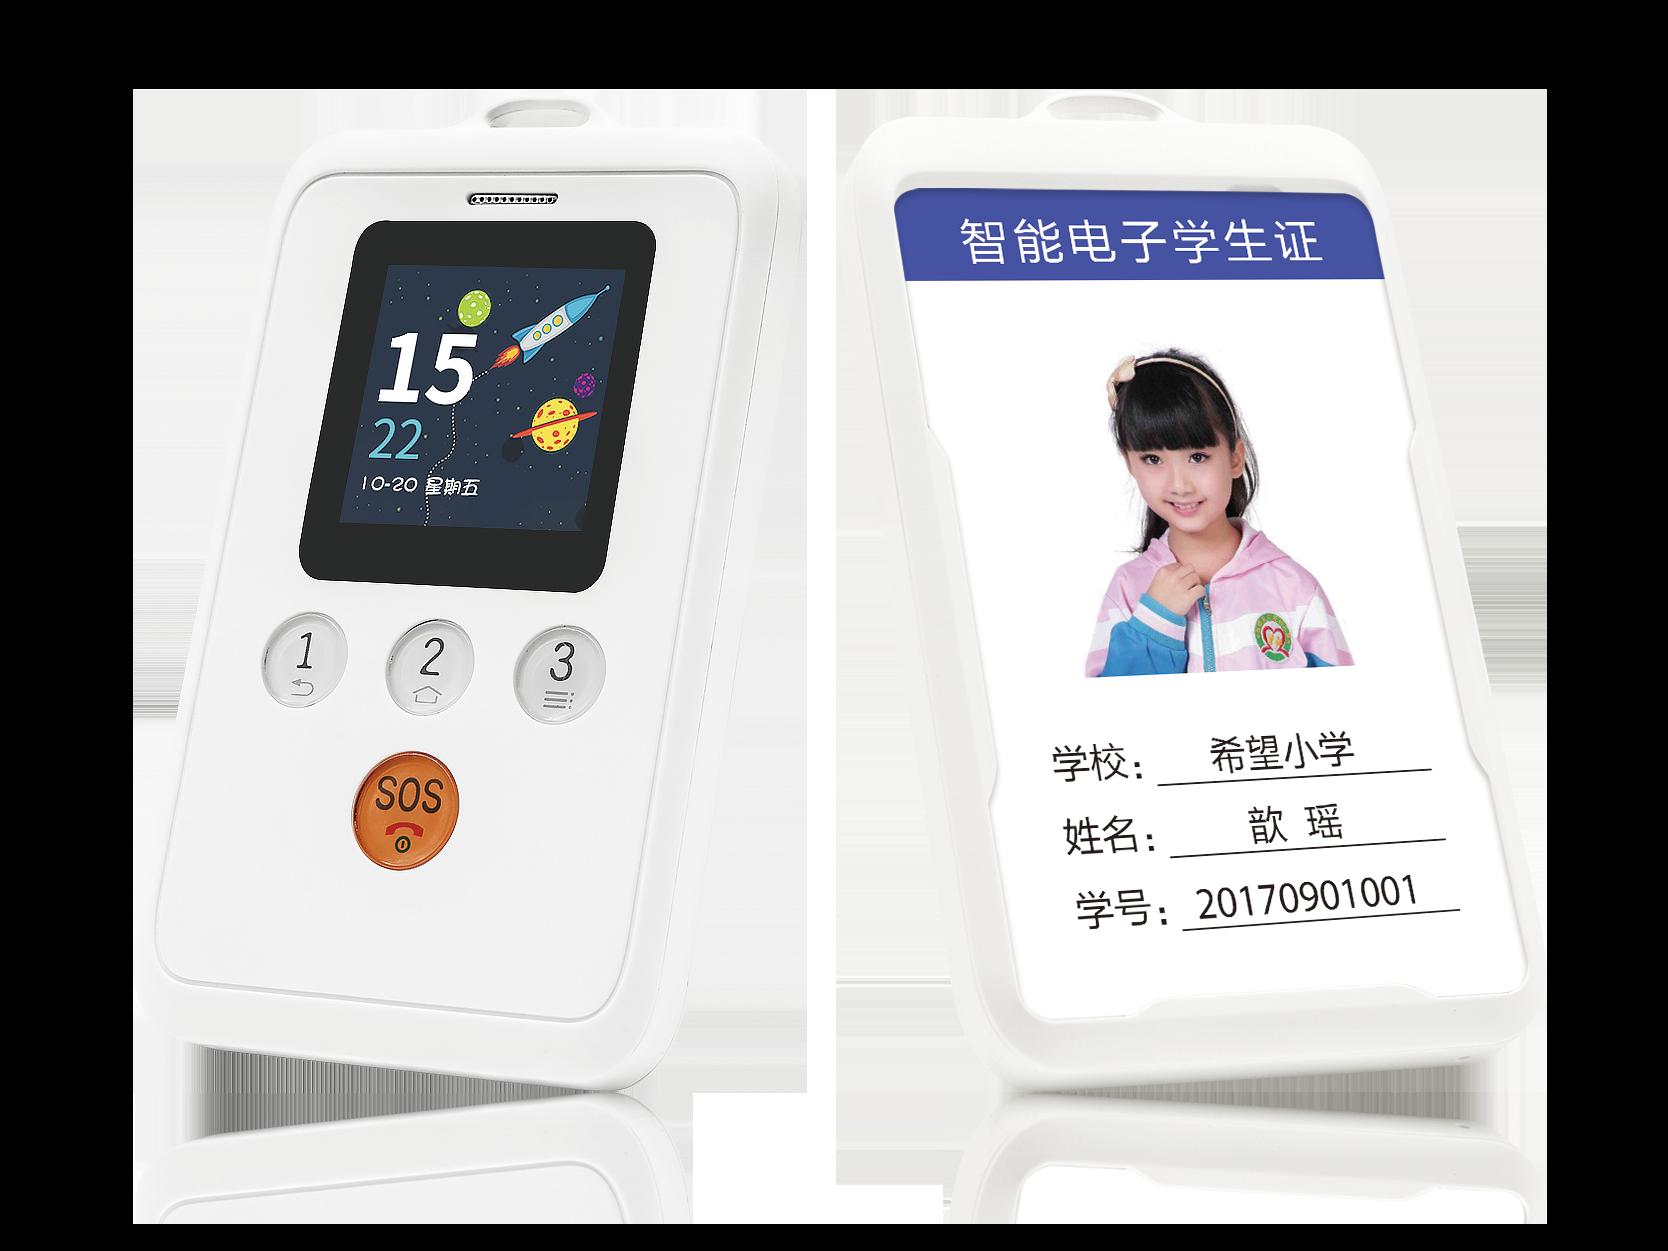 智慧校园北斗/GPS智能电子学生证GK320